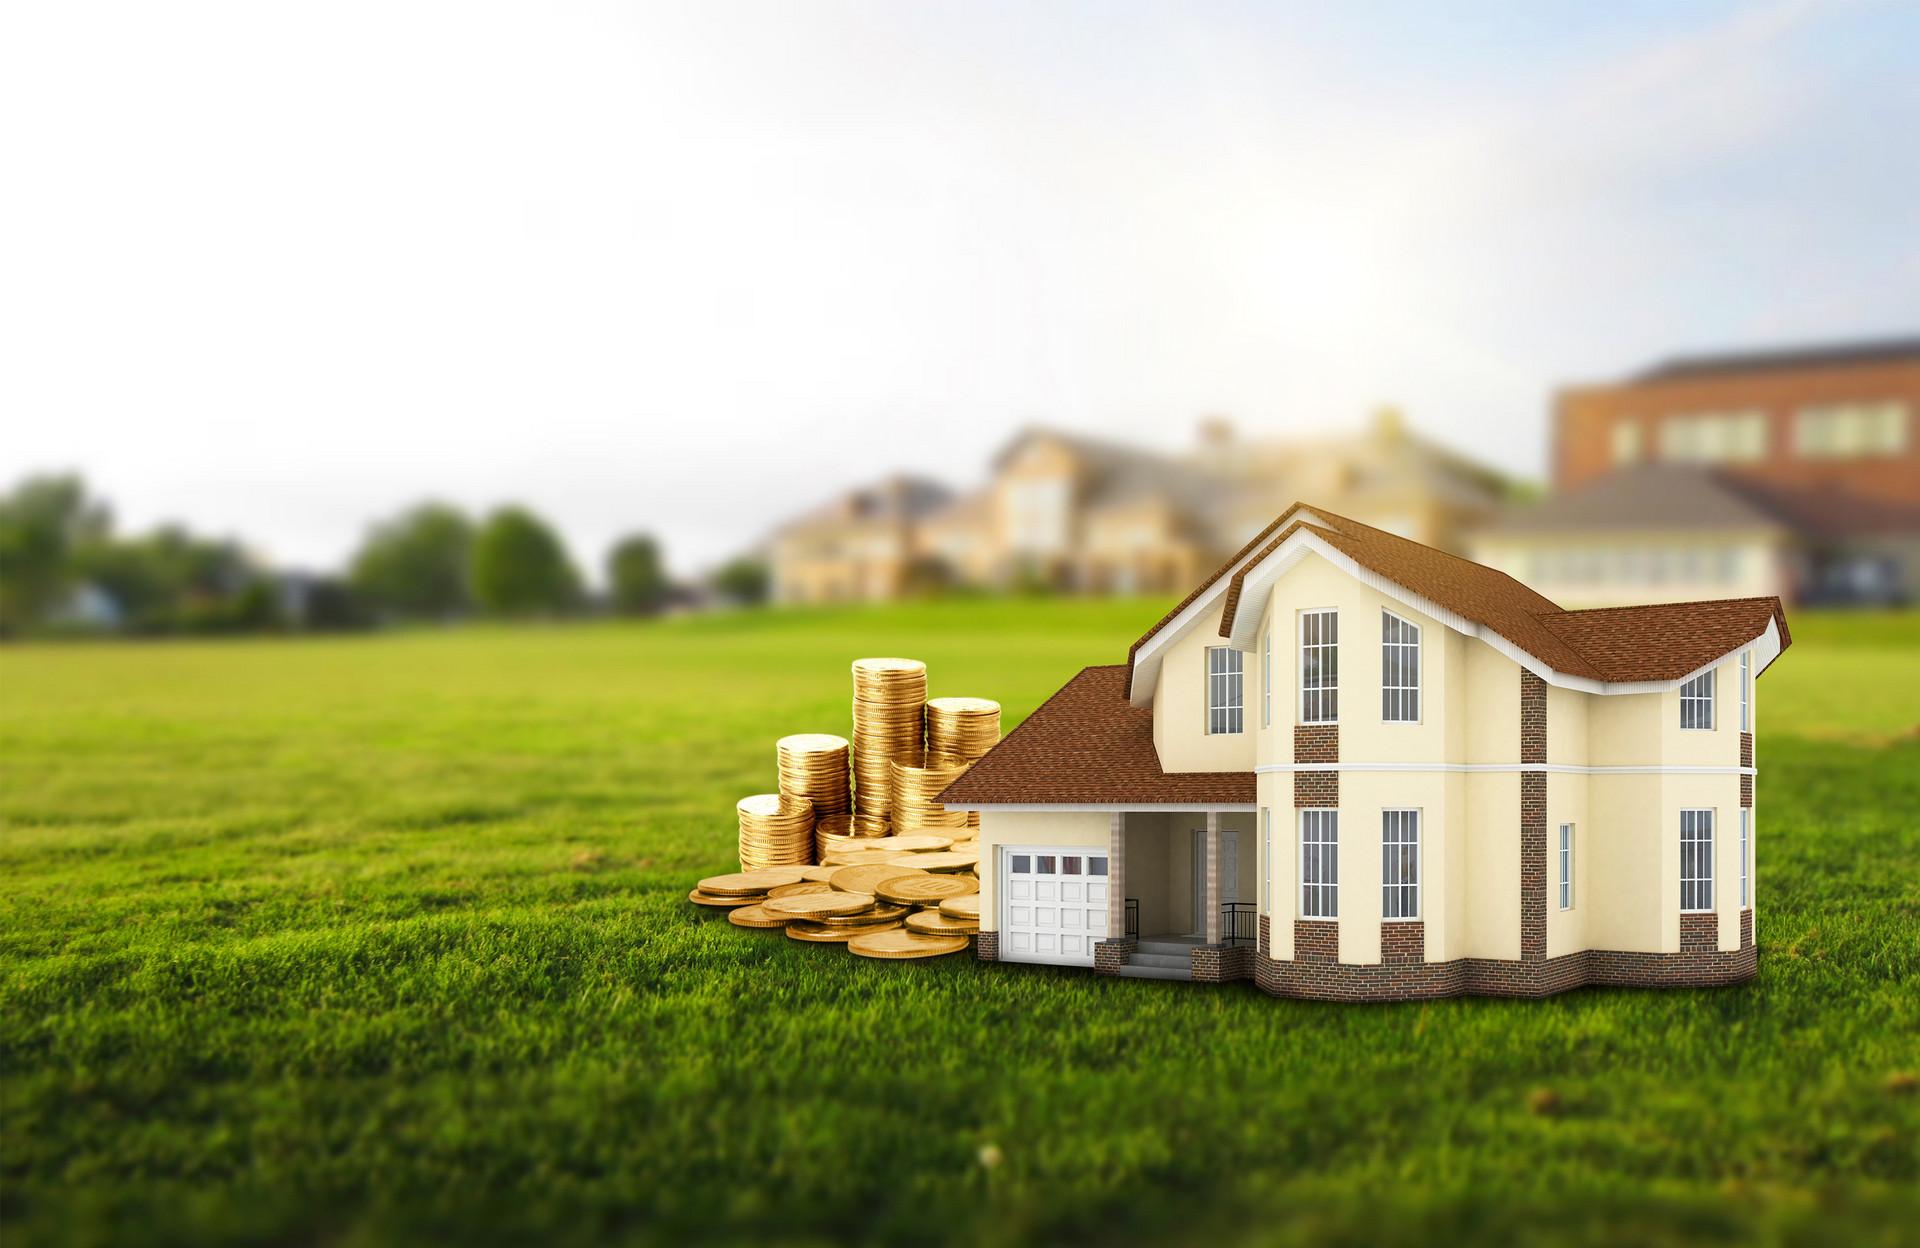 经济适用房贷款方式是什么?购买经济适用房的流程是怎样的?